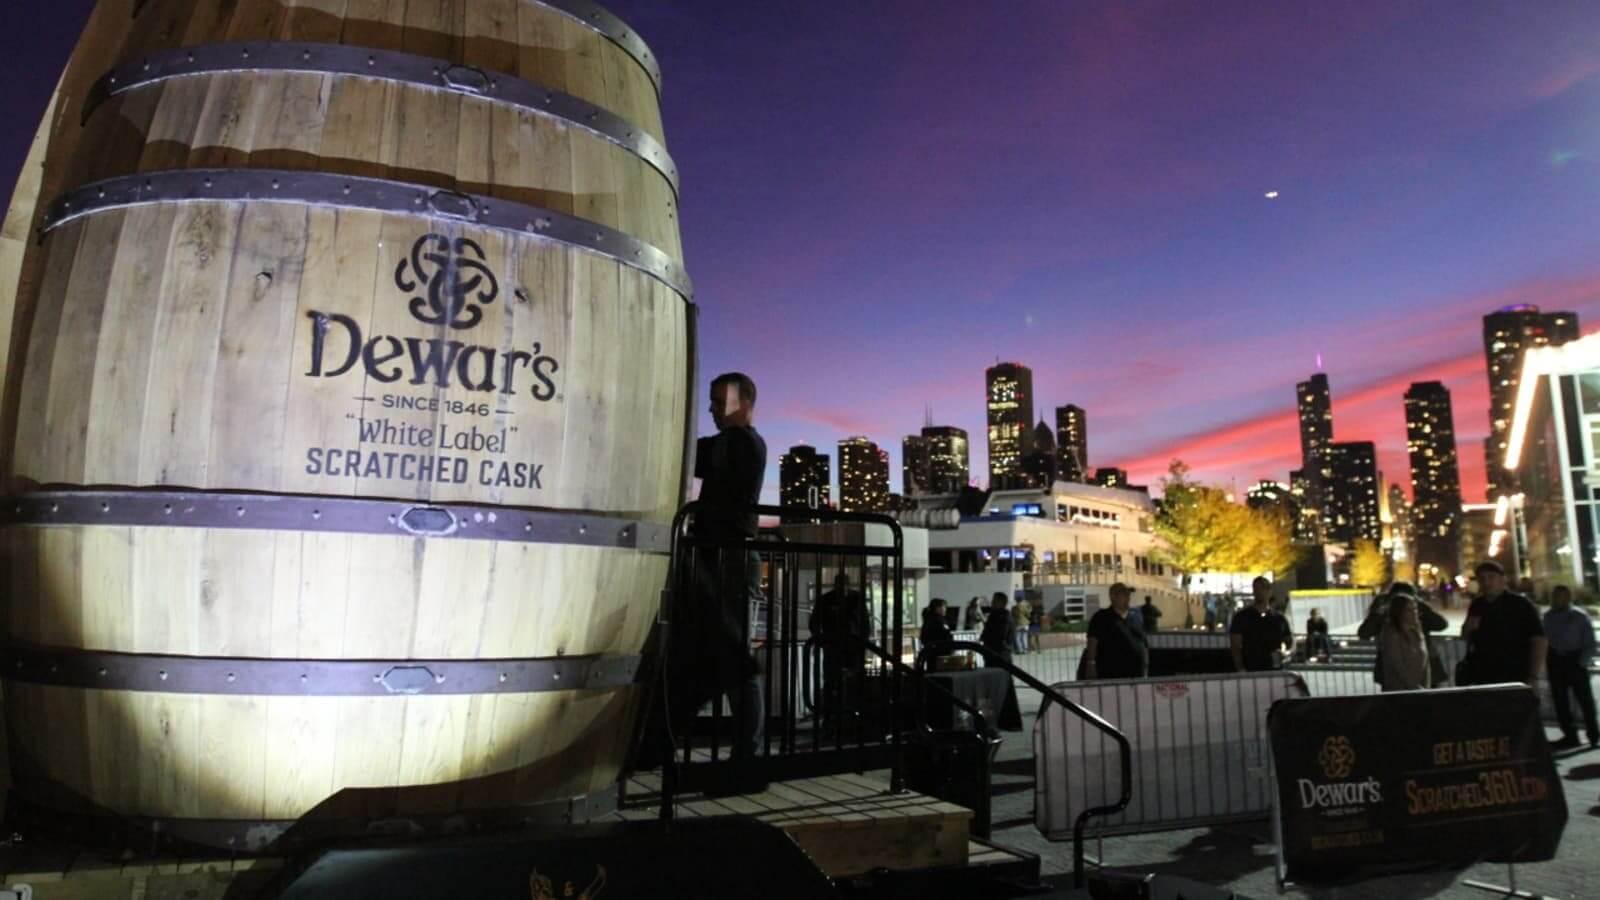 Lịch sử hình thành nên thương hiệu rượu Dewar's